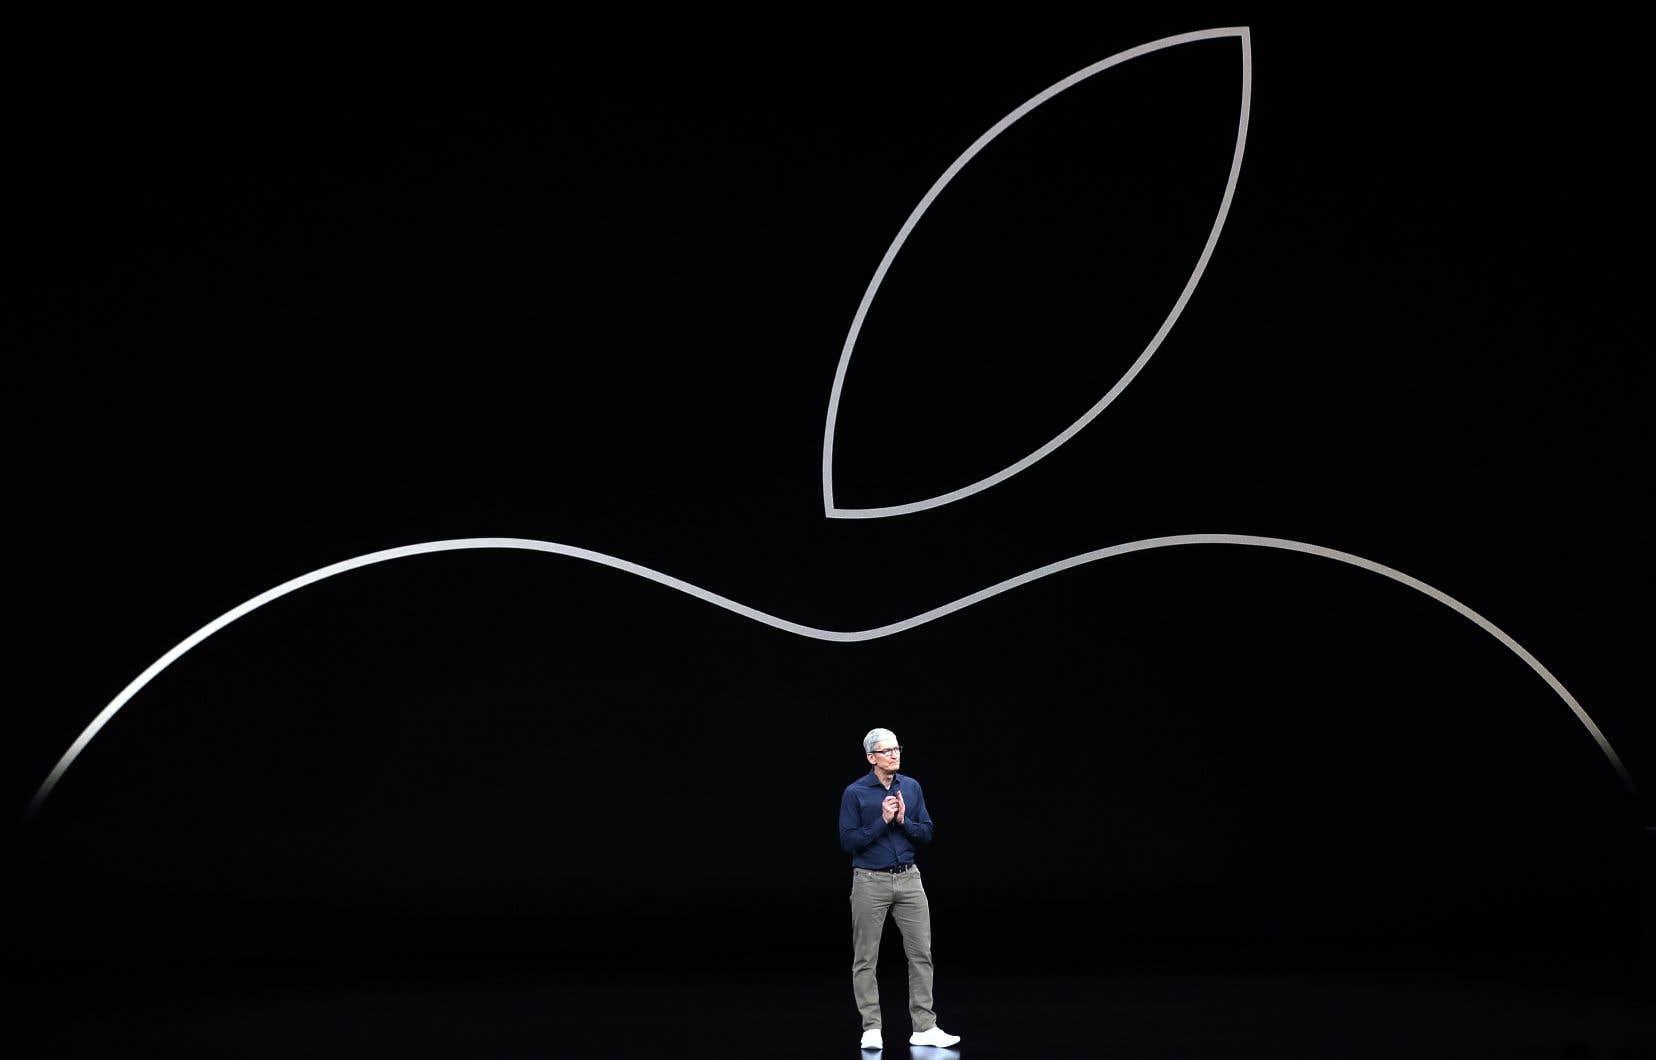 Mercredi soir, le patron d'Apple, Tim Cook, a annoncé que les ventes du géant technologique ne seraient pas aussi bonnes que prévu et a réduit encore des prévisions qui avaient déjà été jugées timides.